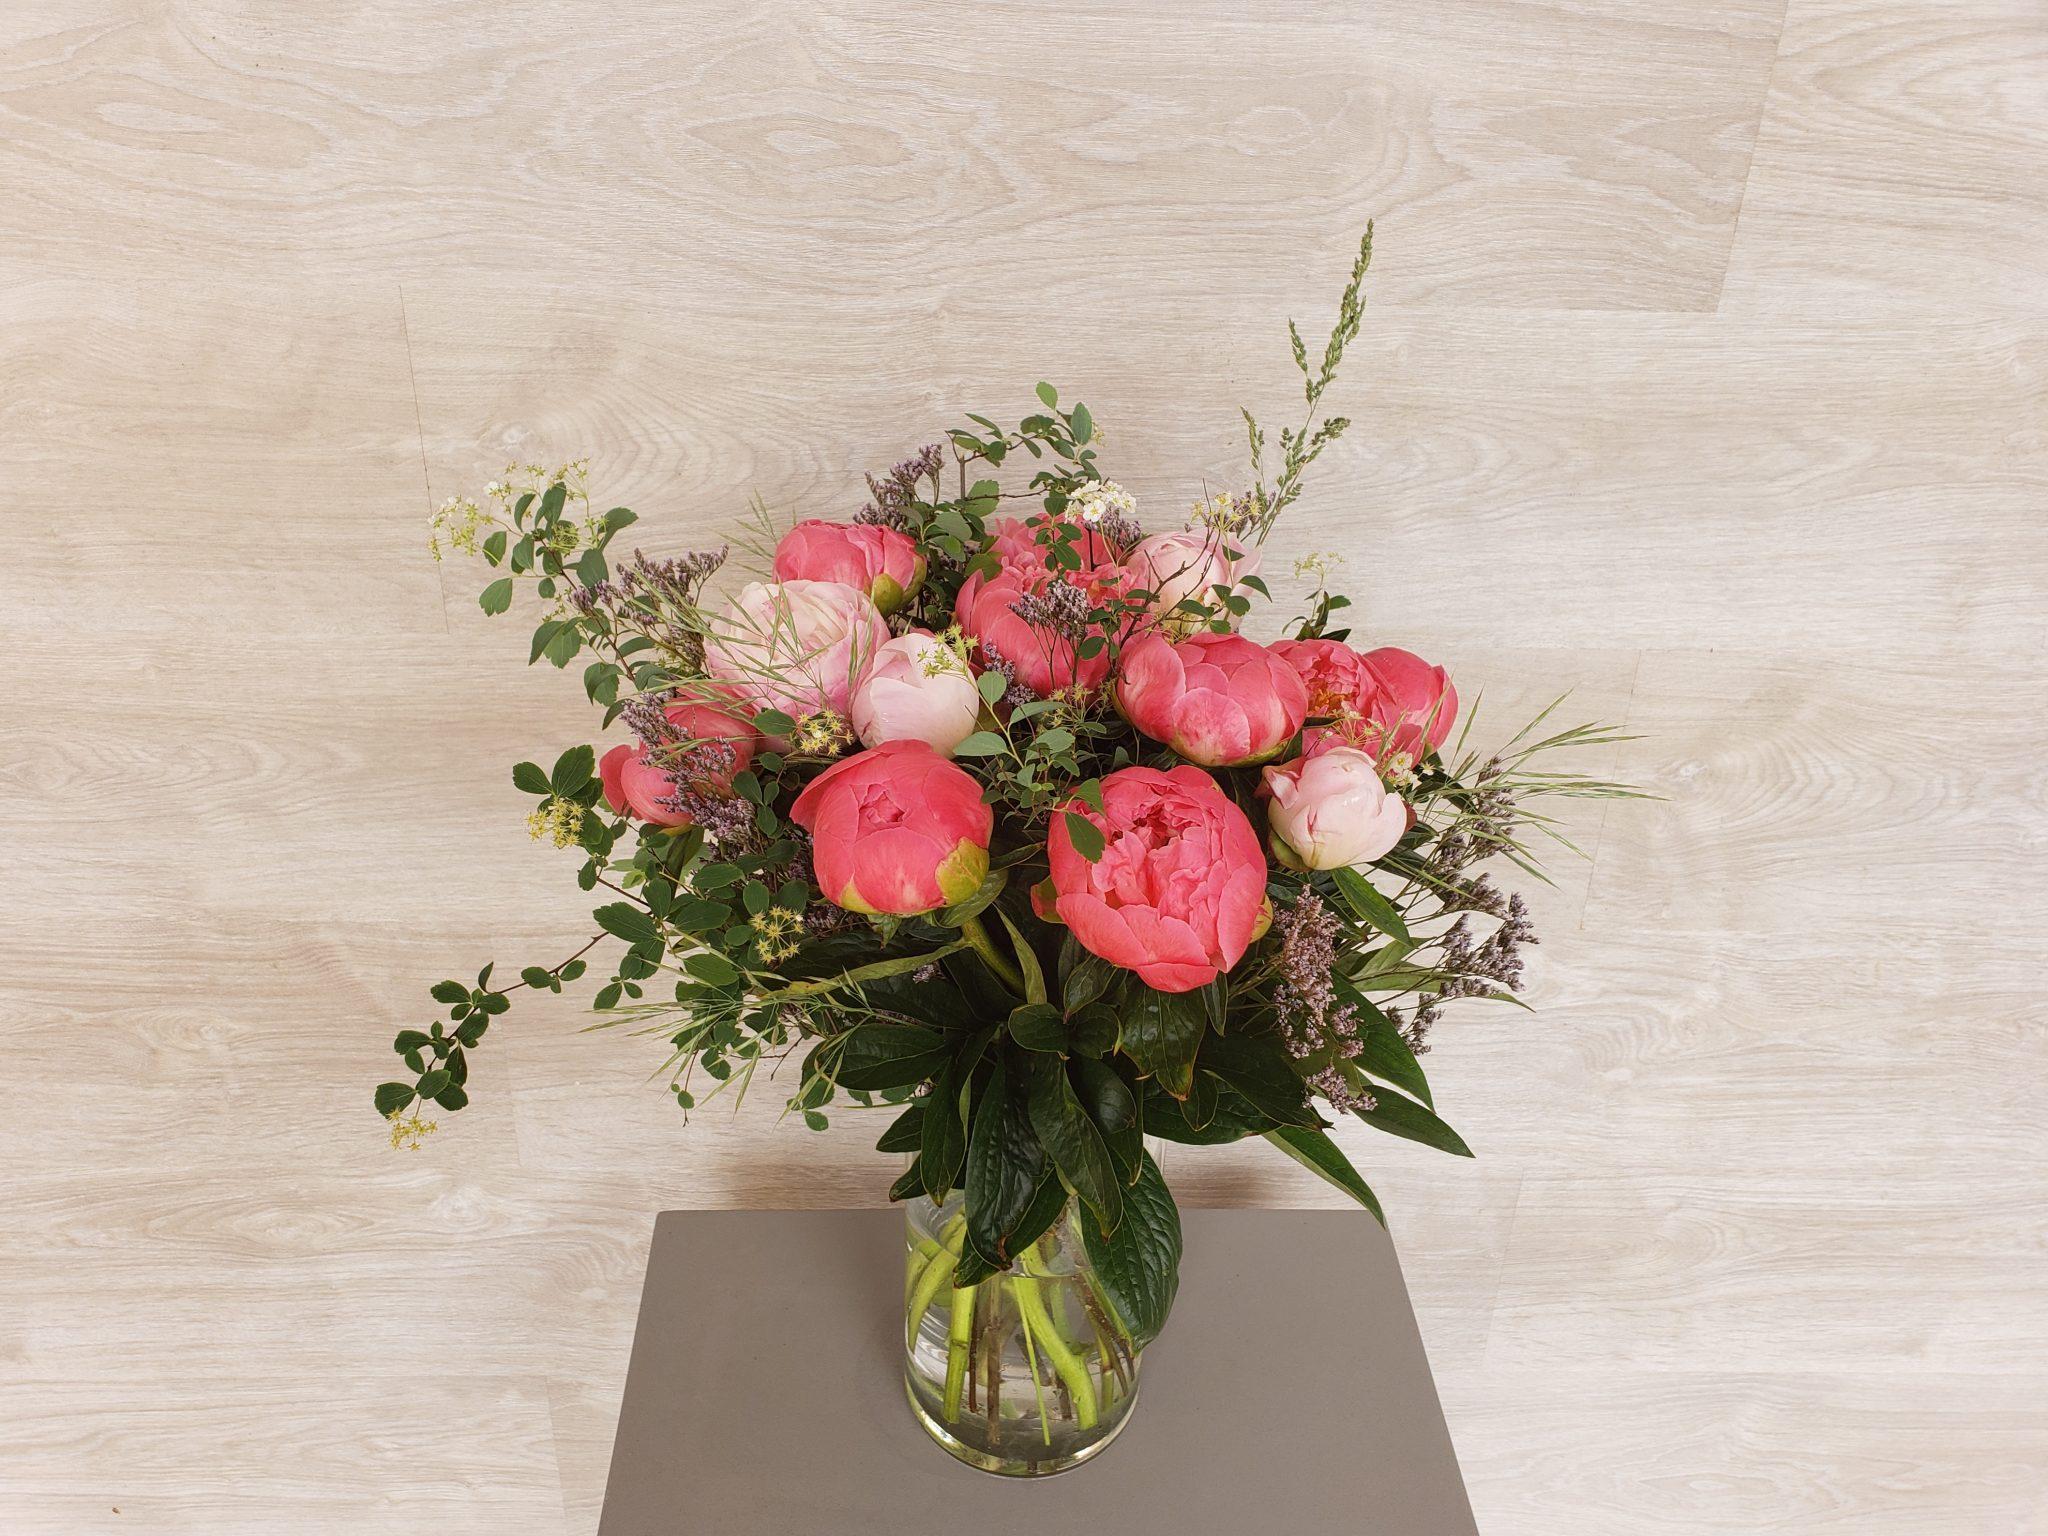 Bouquet de pivoines multicolores accompagnées de fleurettes et feuillages aériens.  (photo : taille classique)... [https://www.mariedanede.fr/boutique/bouquets/bouquet-de-fleurs-de-pivoines/]